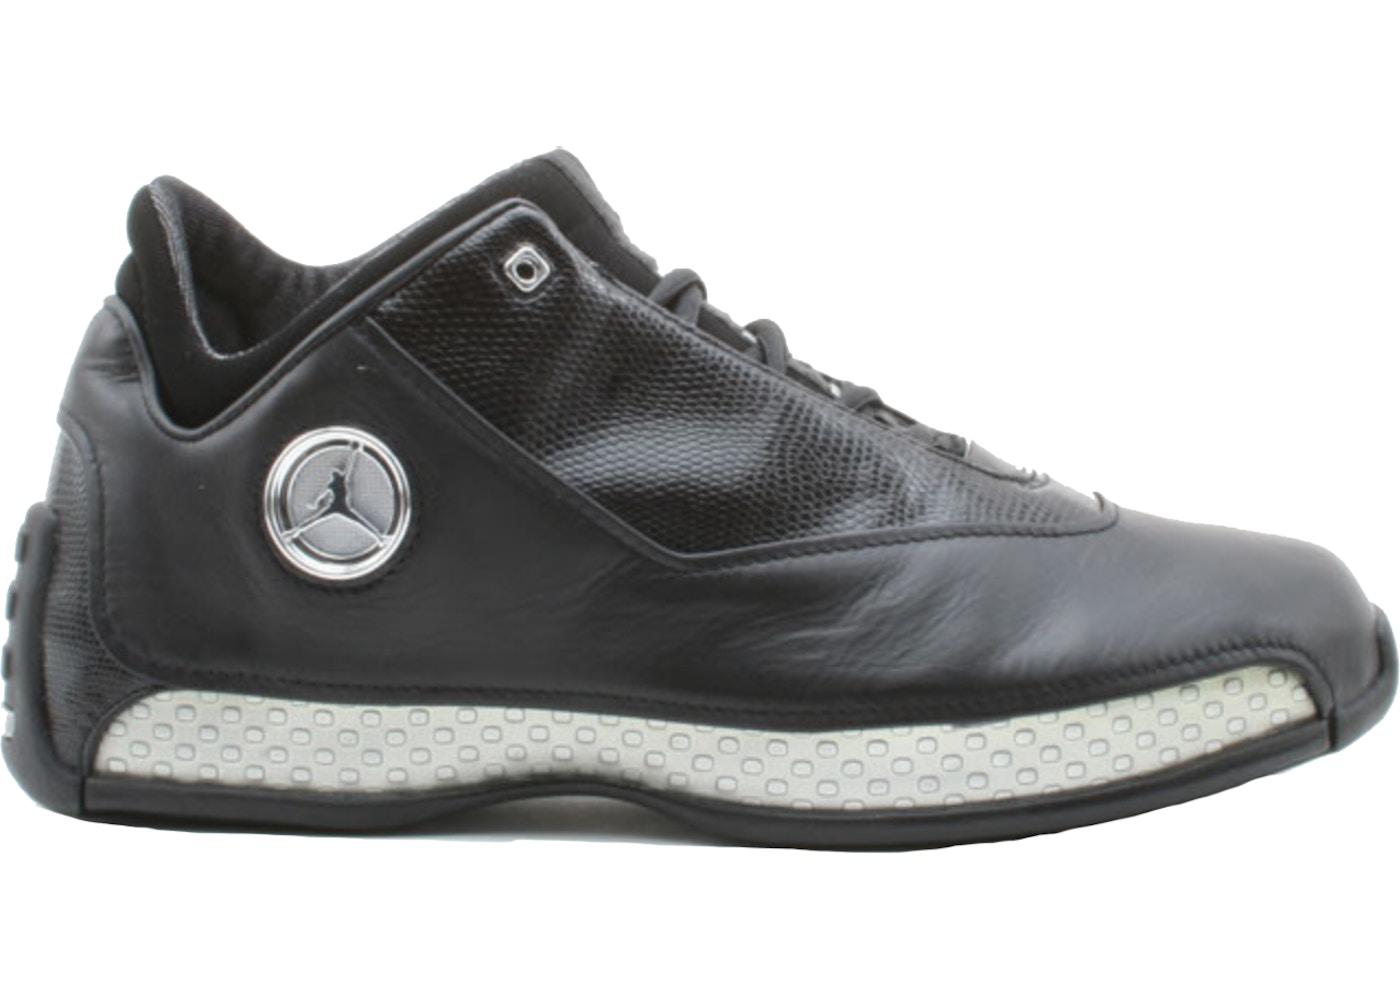 f9cd891d7433 Jordan 18 OG Low Black Silver Chrome - 306151-001